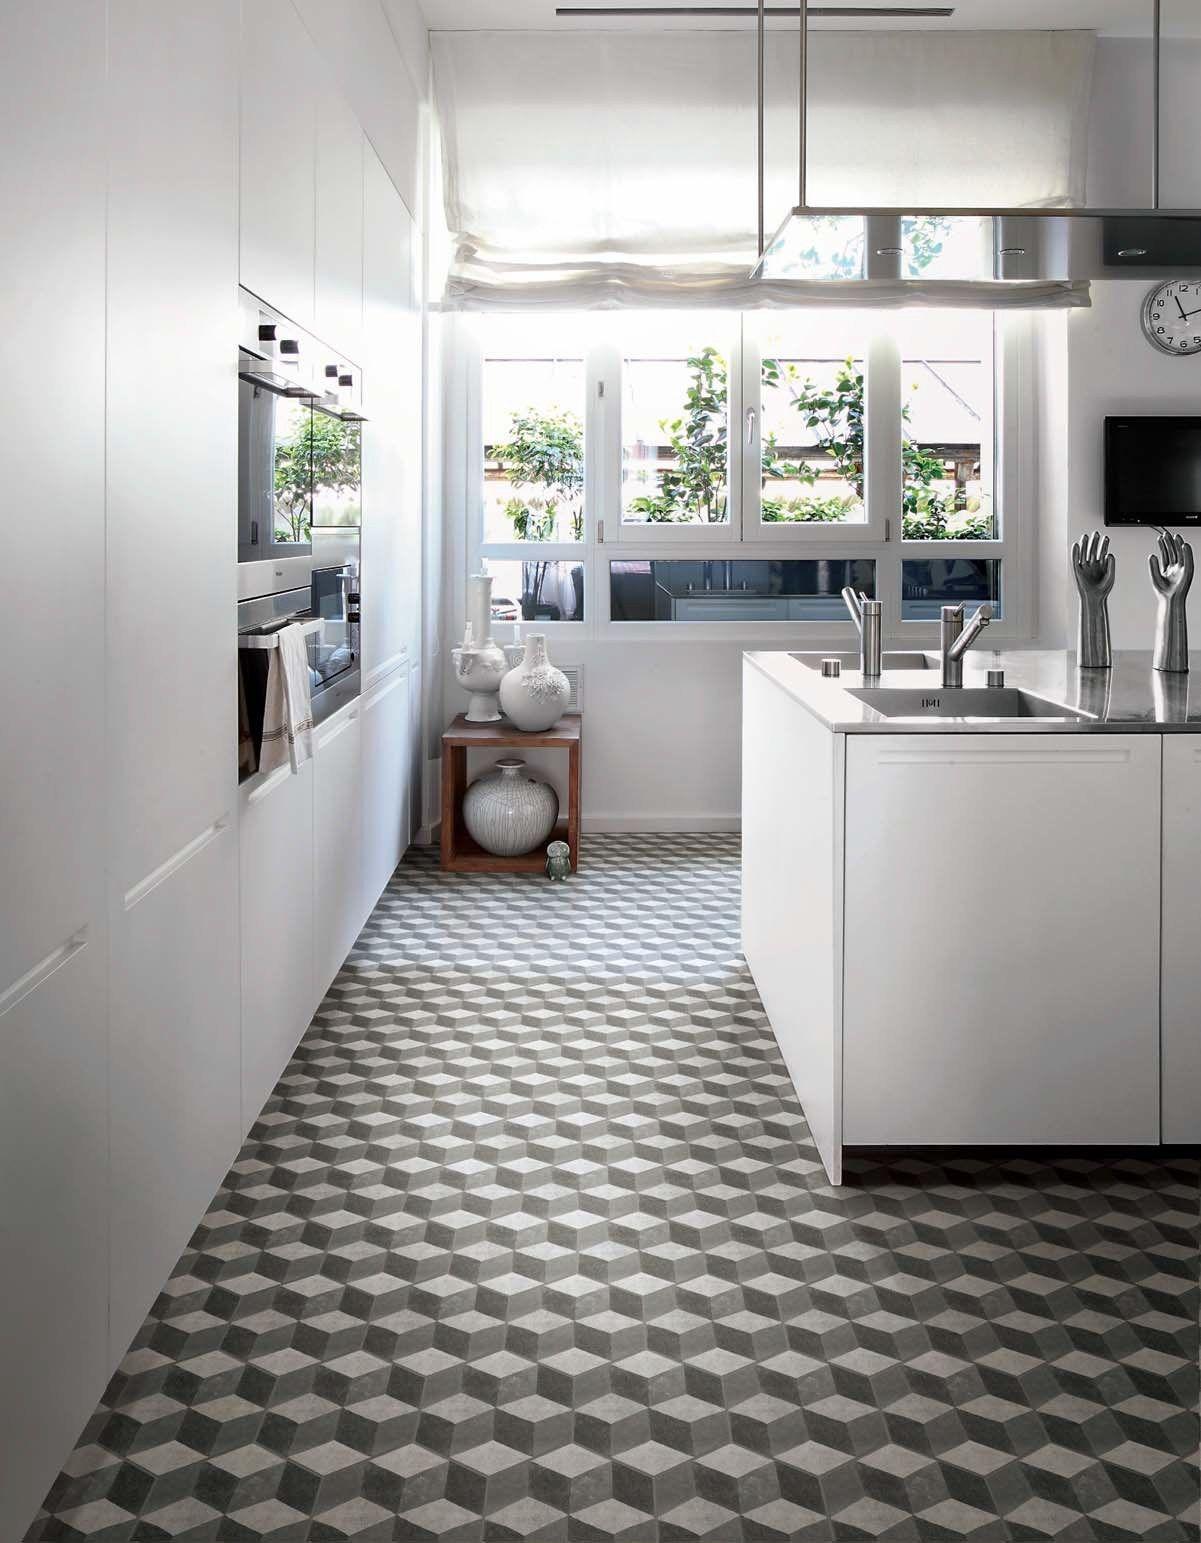 Pavimento in gres porcellanato firenze by fap ceramiche for Ceramiche gres porcellanato